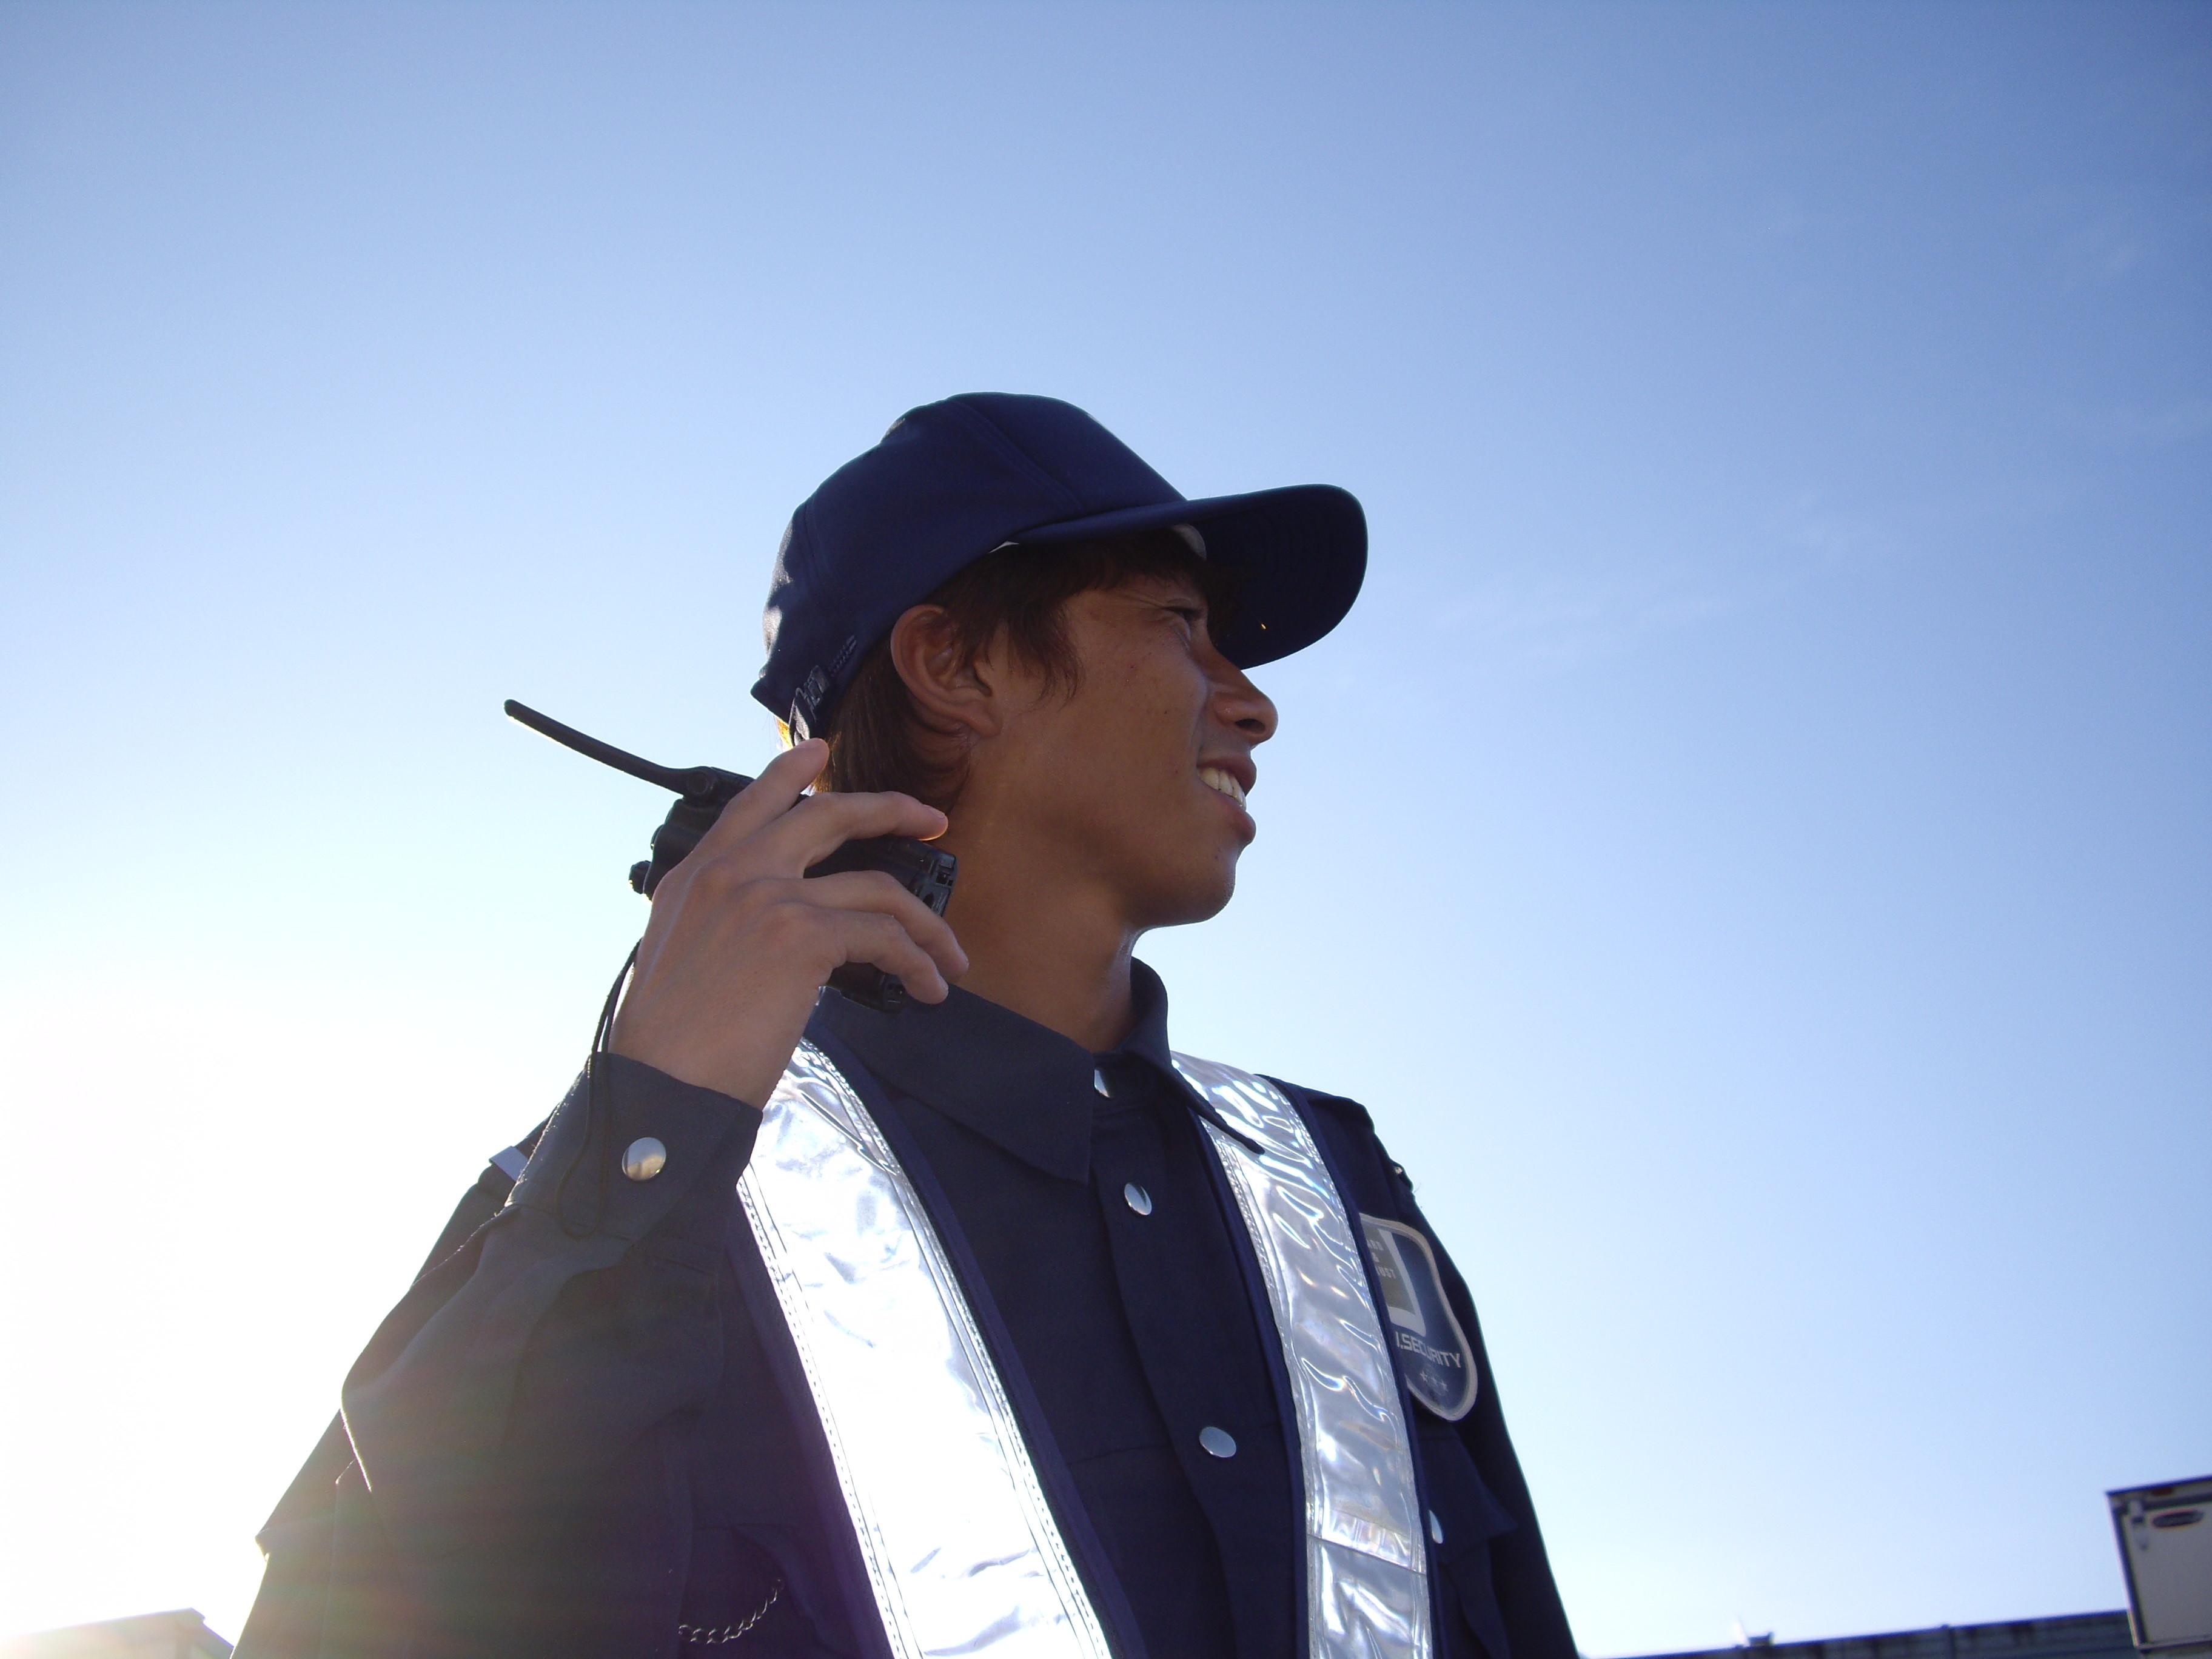 交通誘導スタッフ 新潟市南区エリア 株式会社J.SECURITYのアルバイト情報